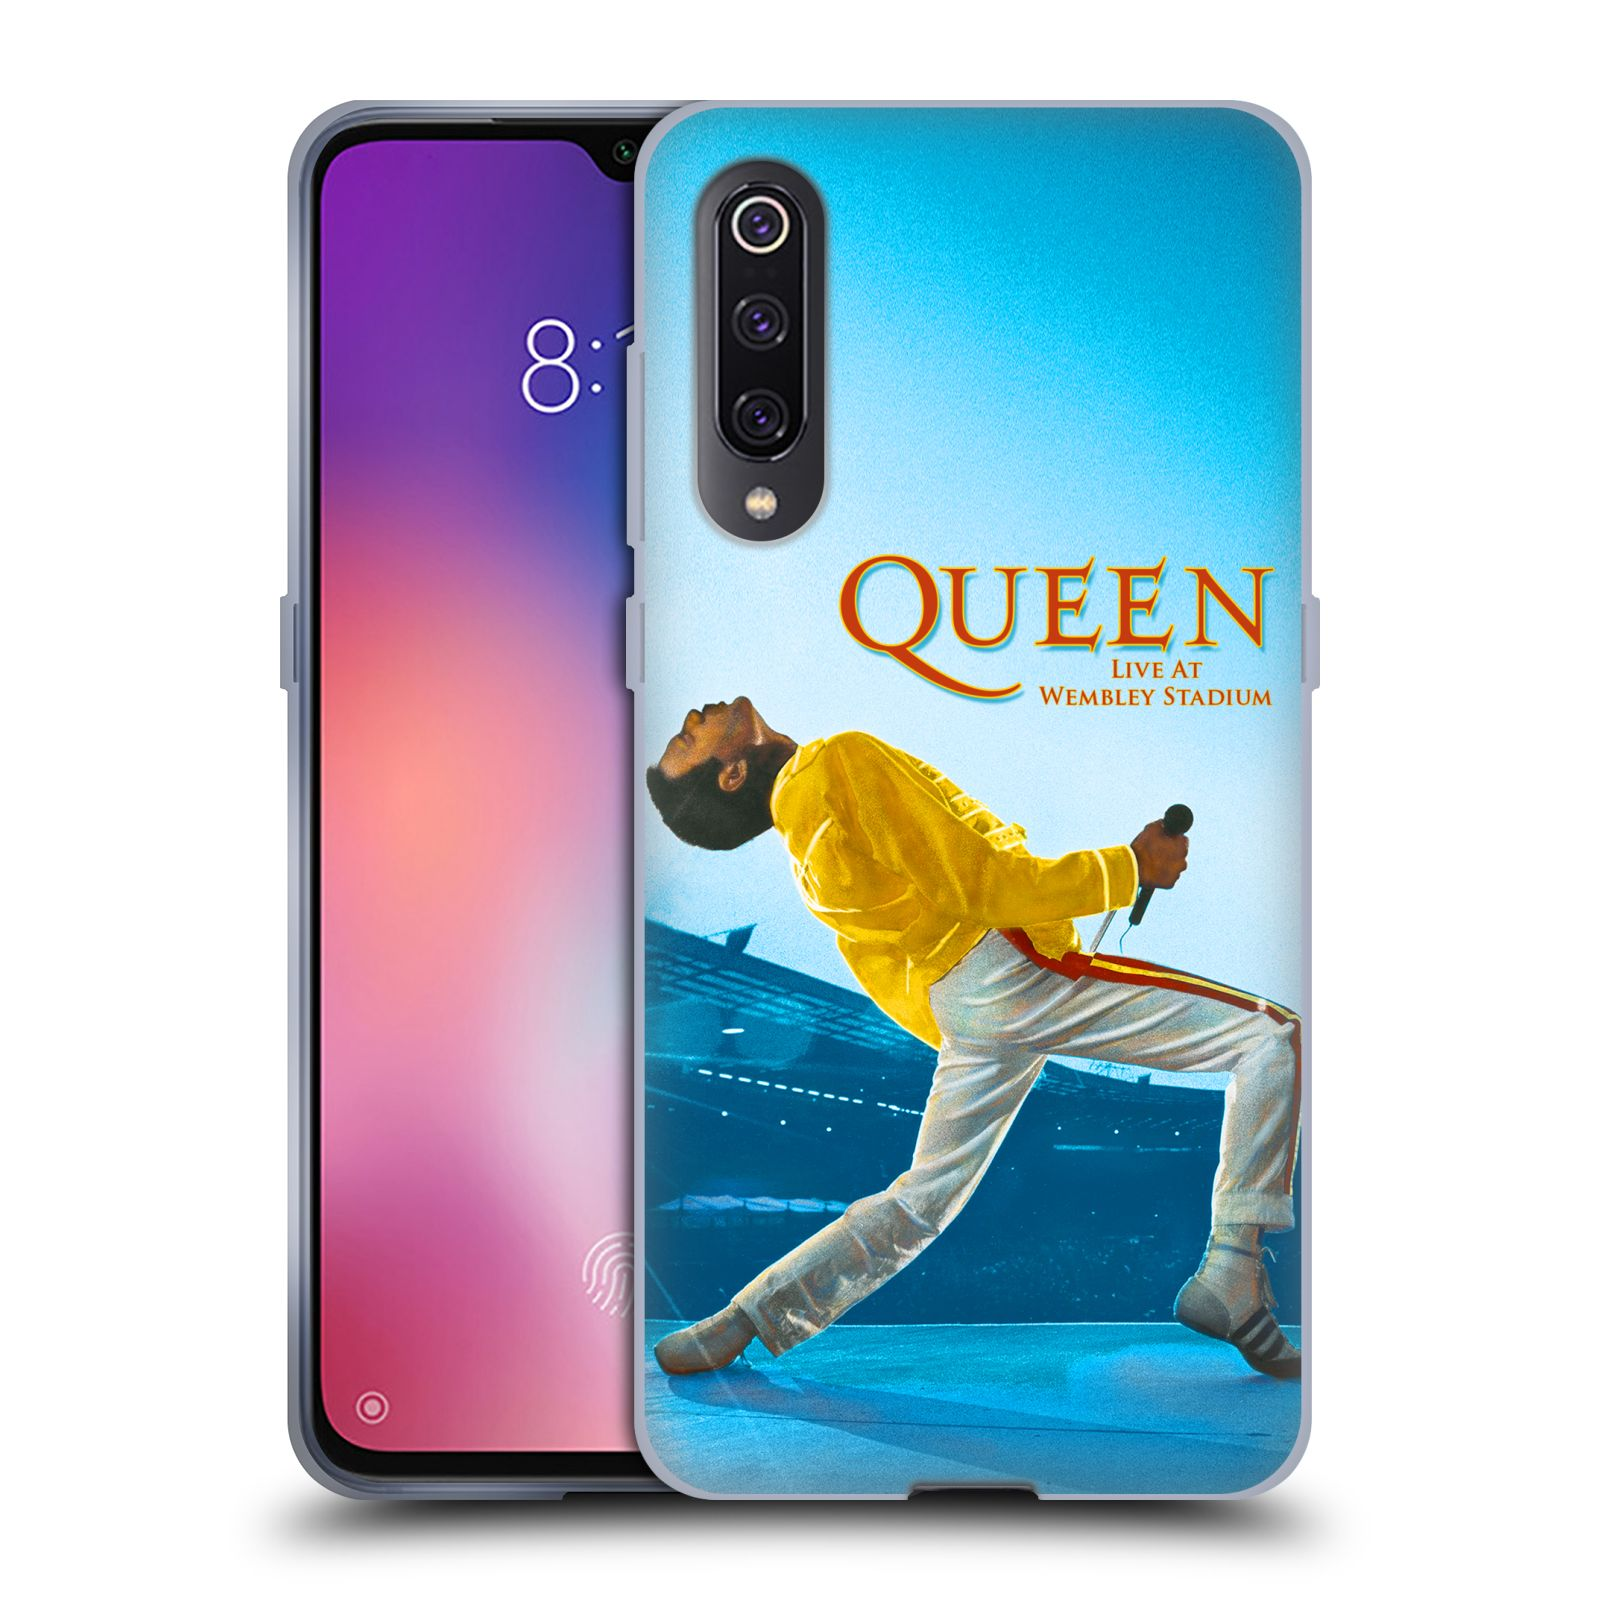 Silikonové pouzdro na mobil Xiaomi Mi 9 - Head Case - Queen - Freddie Mercury